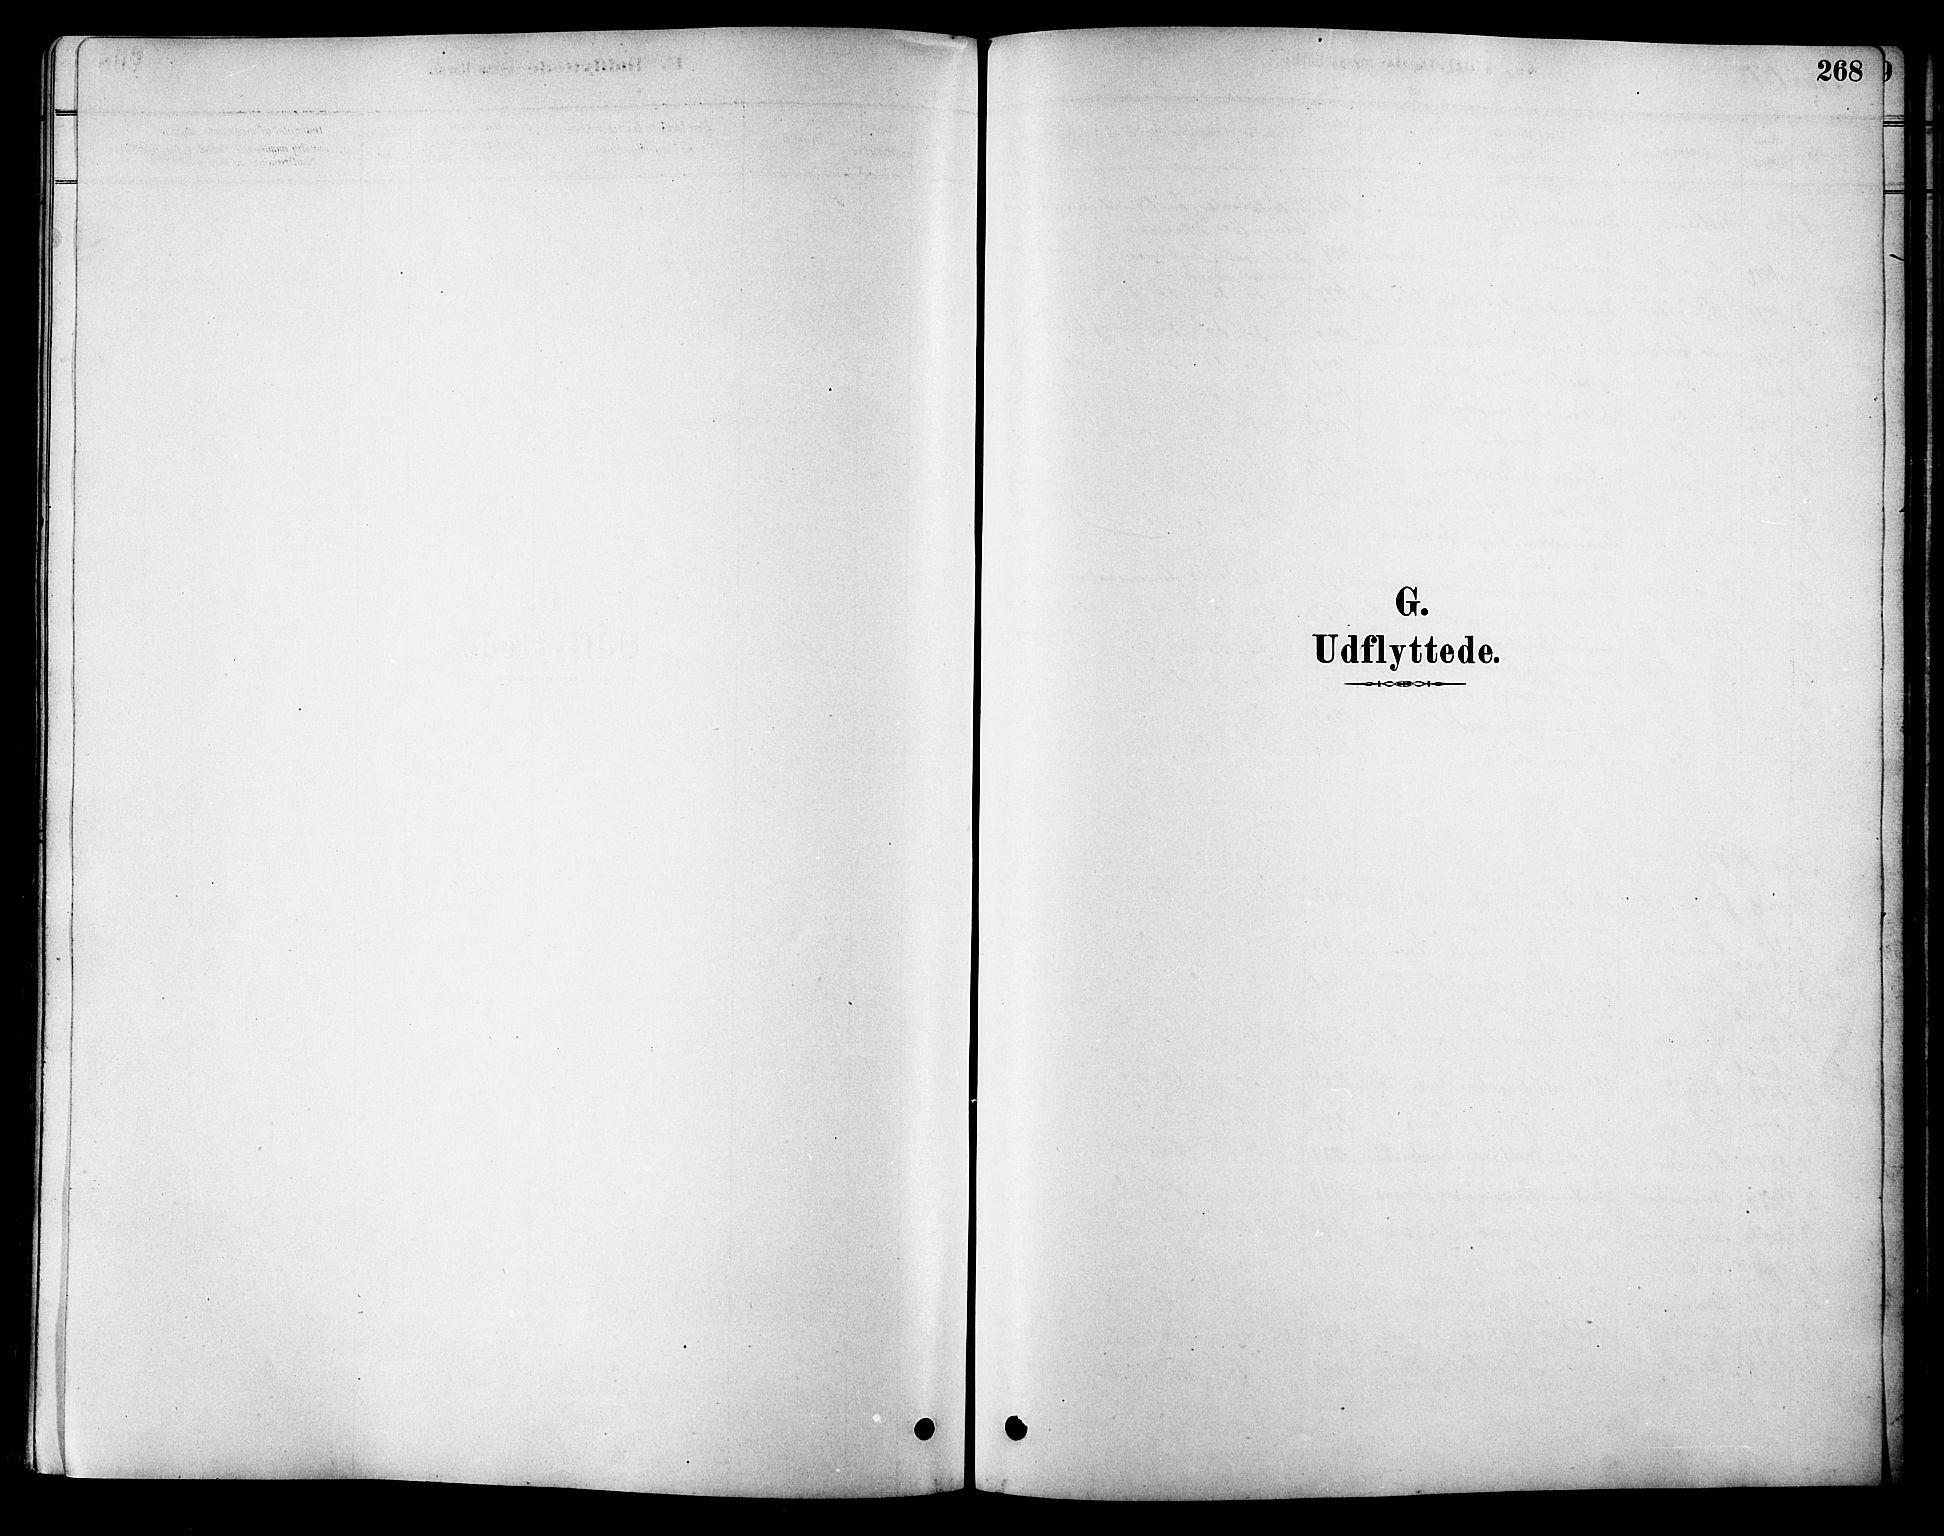 SAT, Ministerialprotokoller, klokkerbøker og fødselsregistre - Sør-Trøndelag, 616/L0423: Klokkerbok nr. 616C06, 1878-1903, s. 268